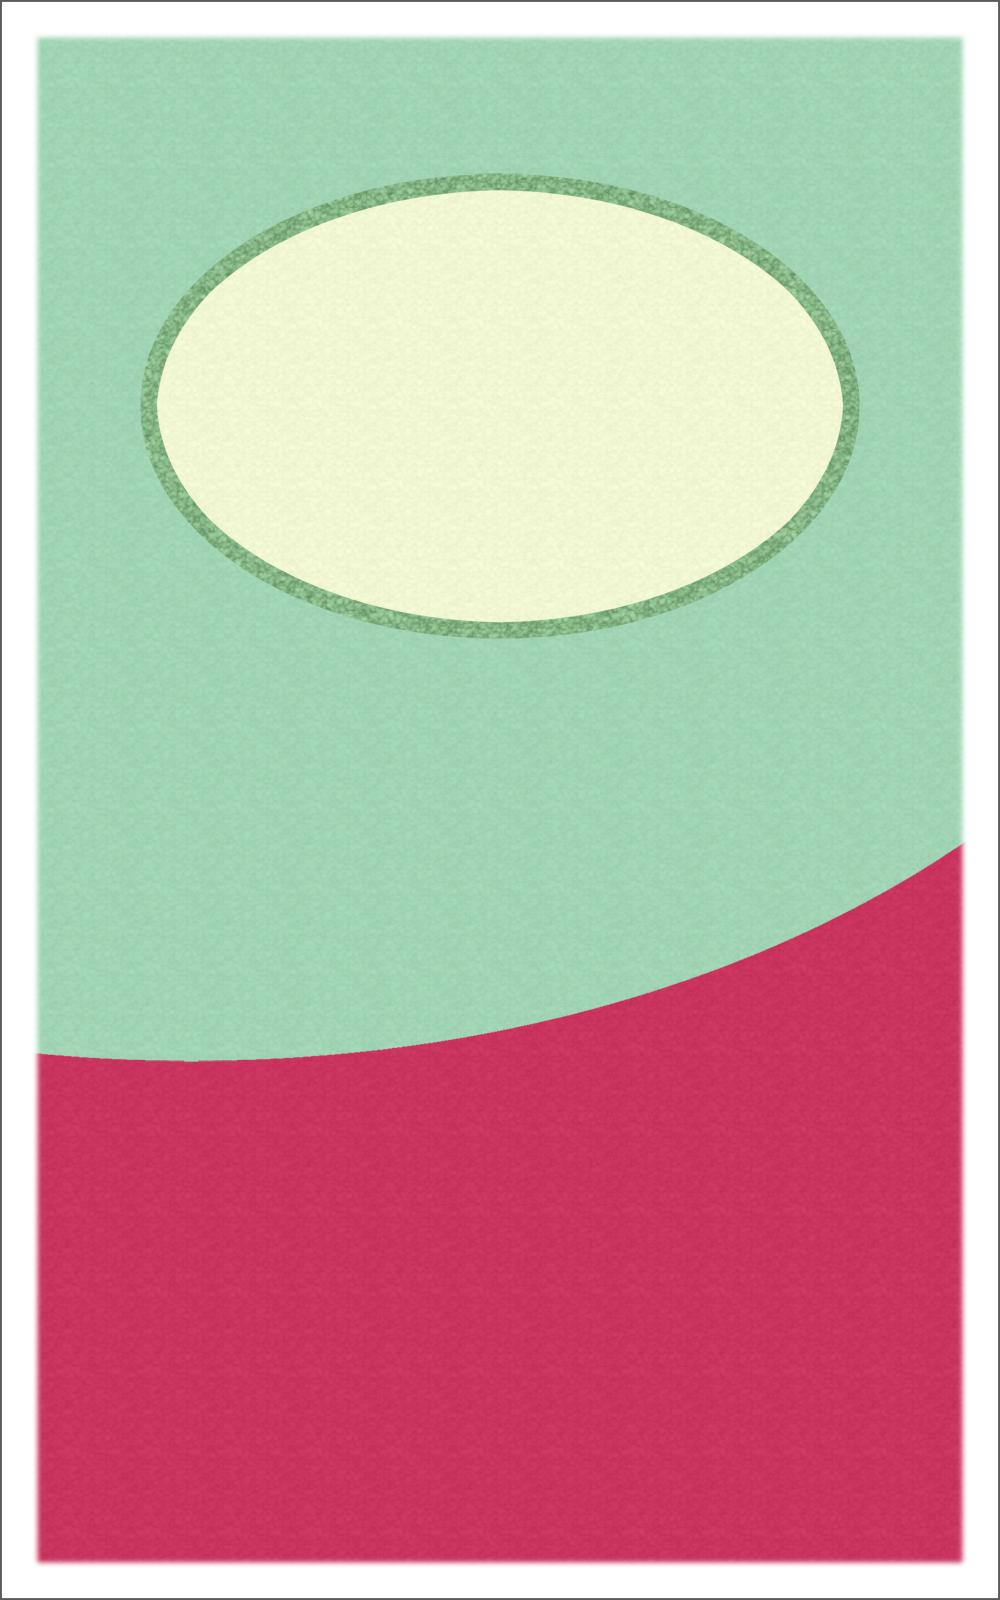 和紙風の表紙画像(1-i)